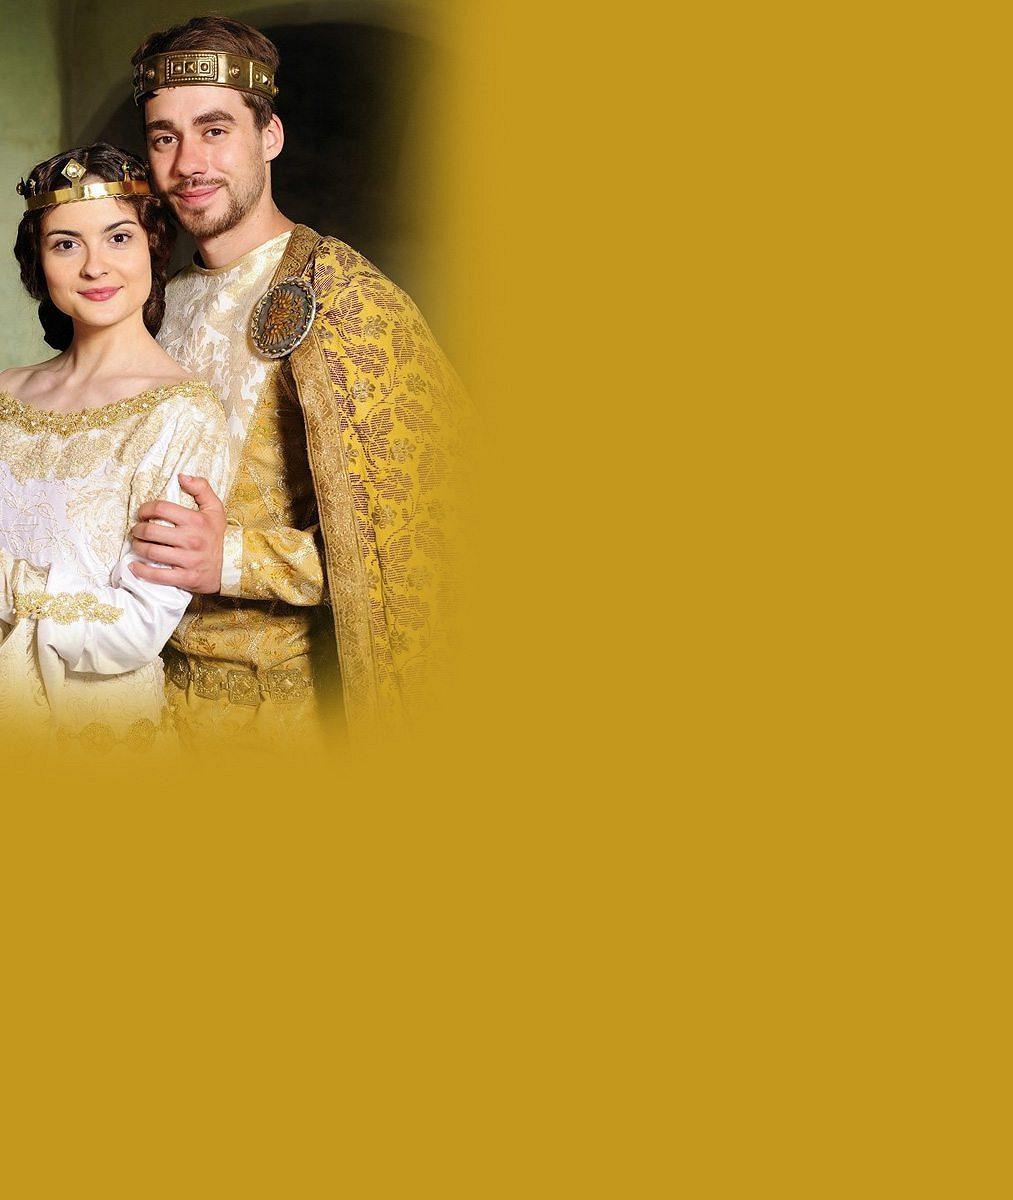 Na Štědrý den všem vleze do obýváků jako krásná princezna: Jak tráví svátky půvabná herečka?